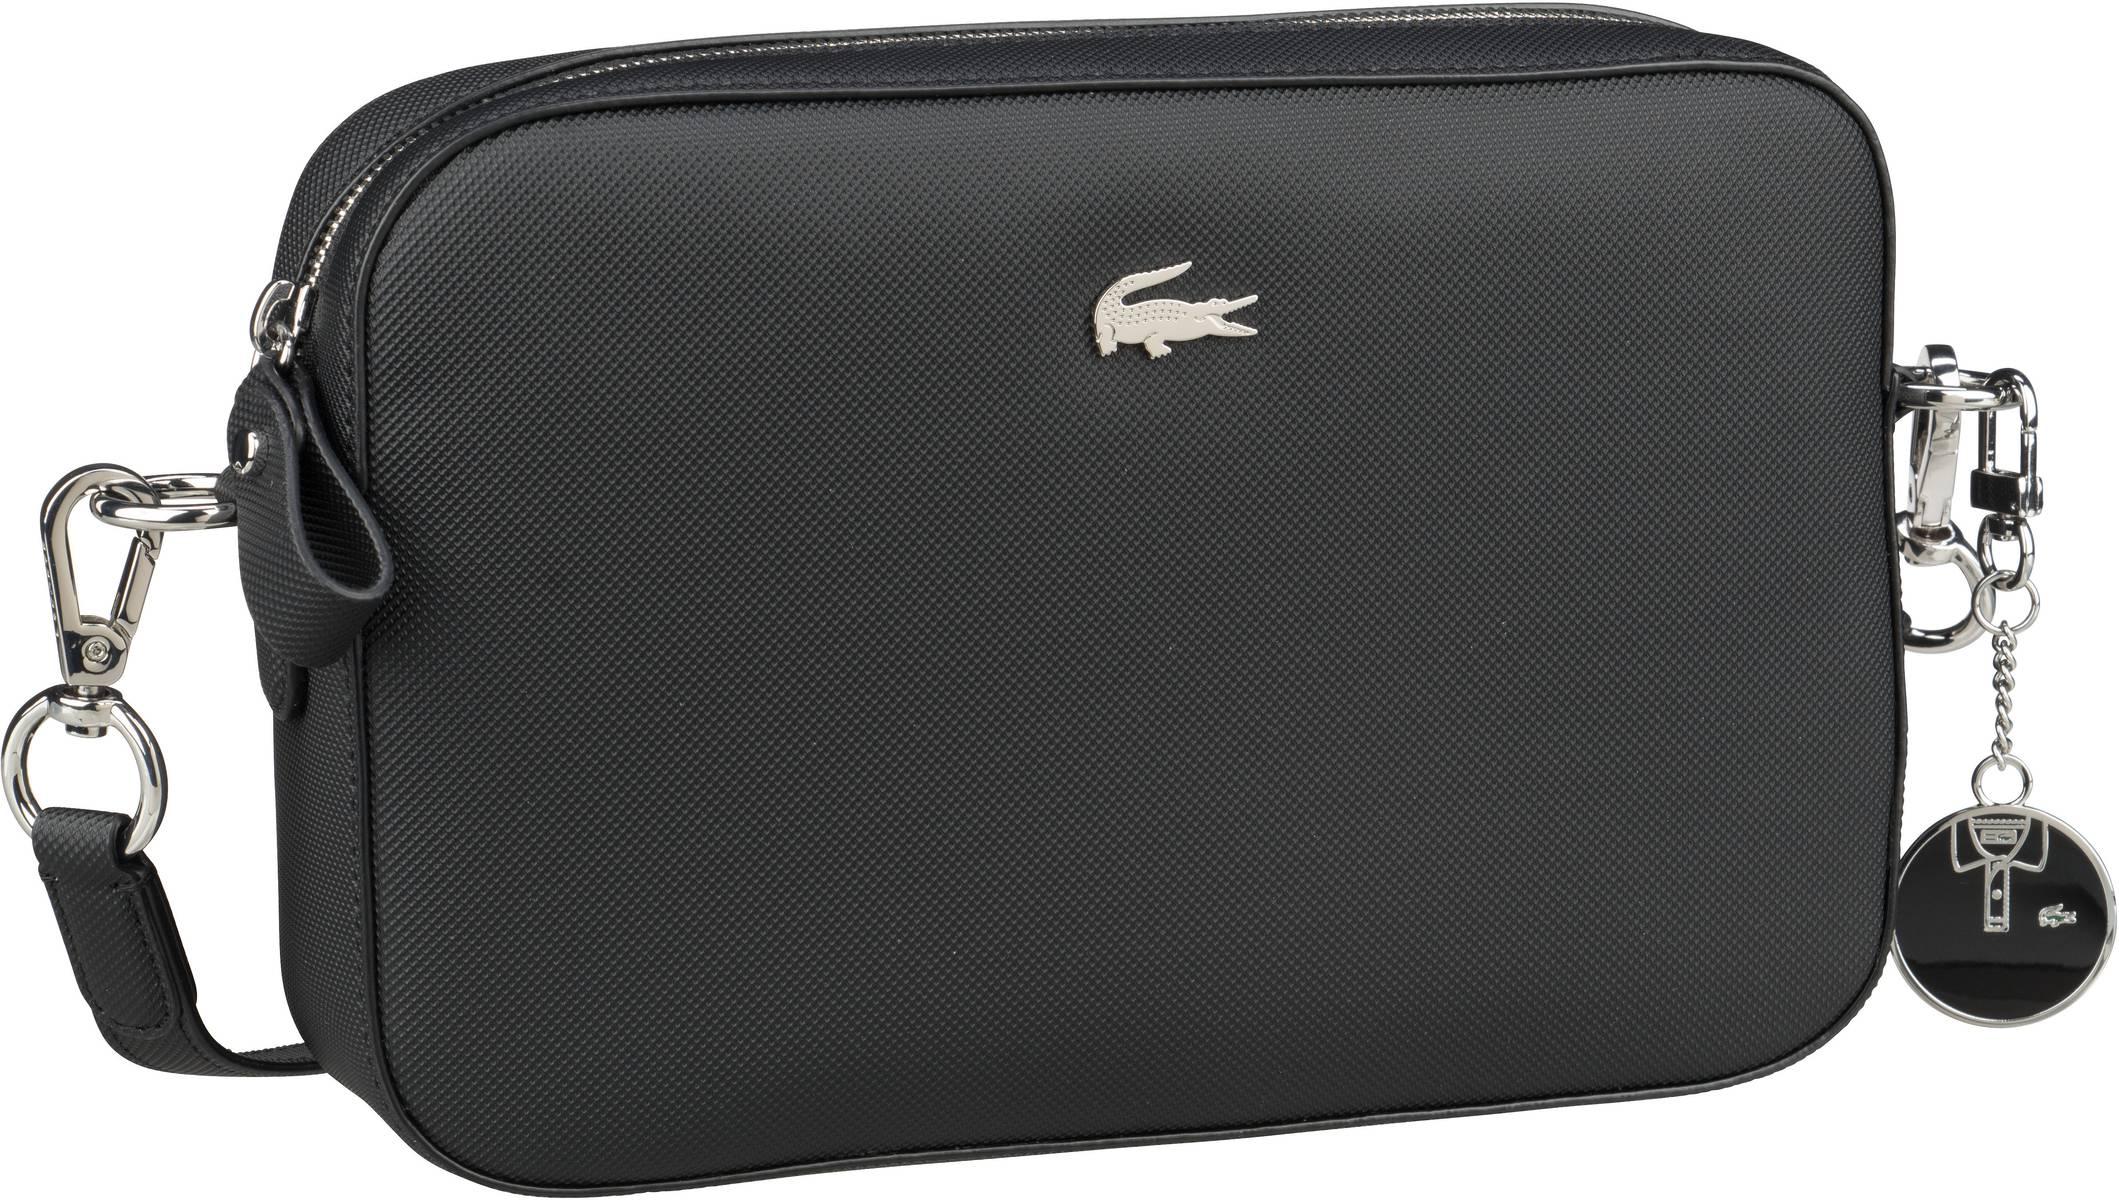 Umhängetasche Daily Classic Crossover Bag 2771 Black